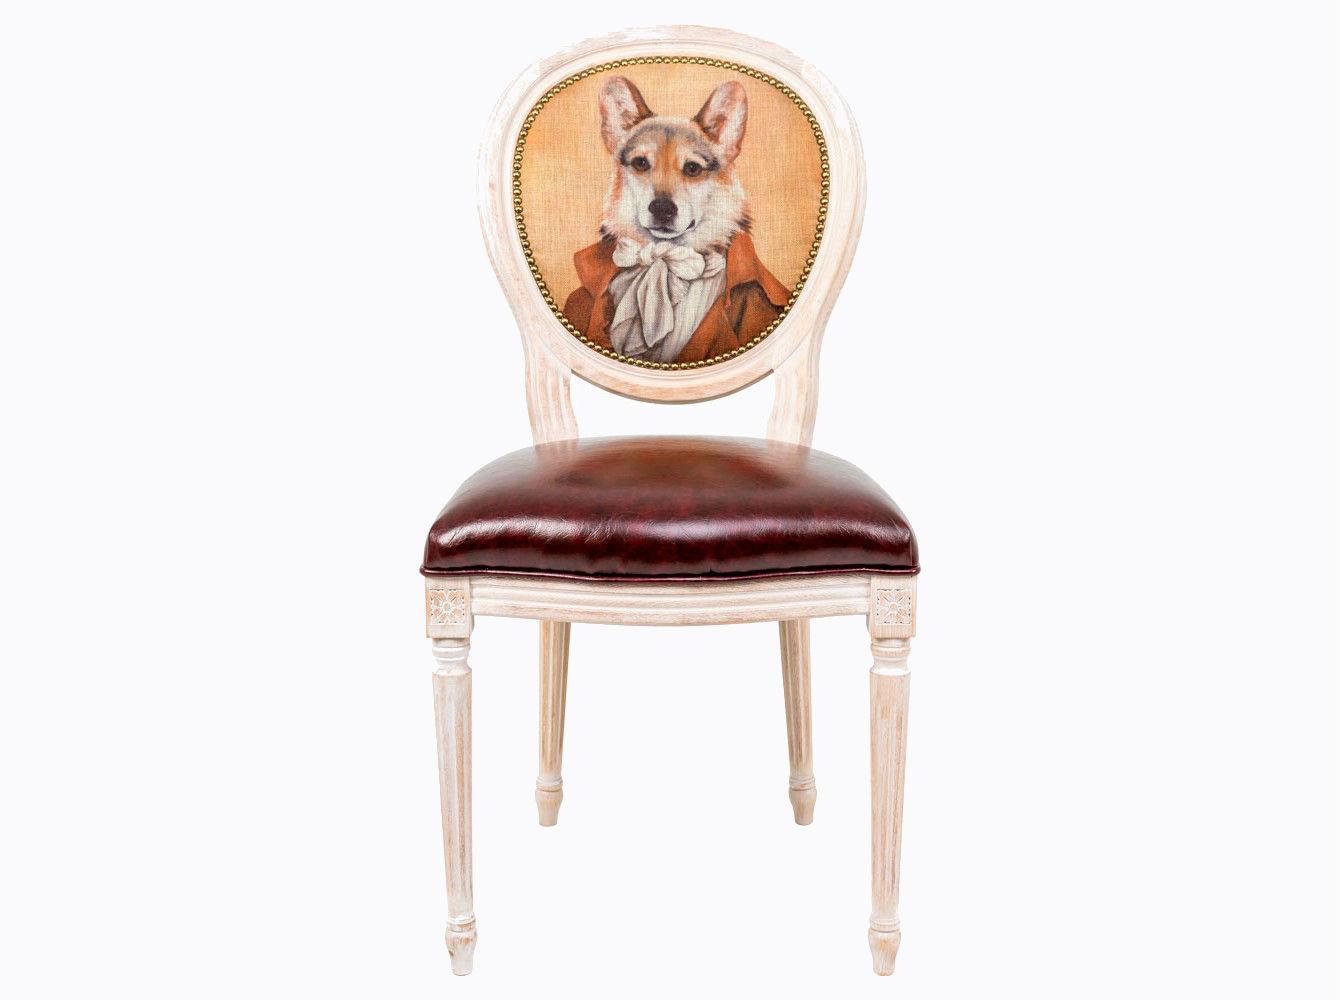 Стул «Музейный экспонат», версия 23Обеденные стулья<br>Стул &amp;quot;Музейный экспонат&amp;quot; - универсальное, но отборное решение гостиной и столовой, каминного зала, холла и кабинета, спальни и детской комнаты. Эклектичный дизайн обещает соседство с большинством классических и авангардных стилей. <br>Стулья с овальными спинками - закон симметричной гармонии окружающего пространства. Овалы идеально рифмуются в интерьере с зеркалами и картинными рамами. Корпус стула изготовлен из натурального бука. Среди европейских пород бук считается самым прочным и долговечным материалом. По эксклюзивному дизайну &amp;quot;Объекта мечты&amp;quot; корпусы стульев серии &amp;quot;Музейный экспонат&amp;quot; выточены, брашированы и патинированы в Италии. <br>В угоду моде &amp;quot;шебби-шик&amp;quot;, благородная фактура натурального дерева подчеркнута рукописной патиной. Штрихи старины обладают специфическим обаянием и теплом.<br>Комфортабельность, прочность и долговечность сиденья обеспечены подвеской из эластичных ремней. Обивка спинки оснащена тефлоновым покрытием против пятен. <br>Не упустите возможность обладания уникальной дизайнерской мебелью.&amp;amp;nbsp;&amp;lt;div&amp;gt;&amp;lt;br&amp;gt;&amp;lt;/div&amp;gt;&amp;lt;div&amp;gt;Каркас - натуральное дерево бука, обивка сиденья и оборотной стороны спинки - эко-кожа, обивка спинки: 29% лен, 9 % хлопок, 72% полиэстер&amp;lt;br&amp;gt;&amp;lt;/div&amp;gt;<br><br>Material: Дерево<br>Width см: 55<br>Depth см: 50<br>Height см: 95